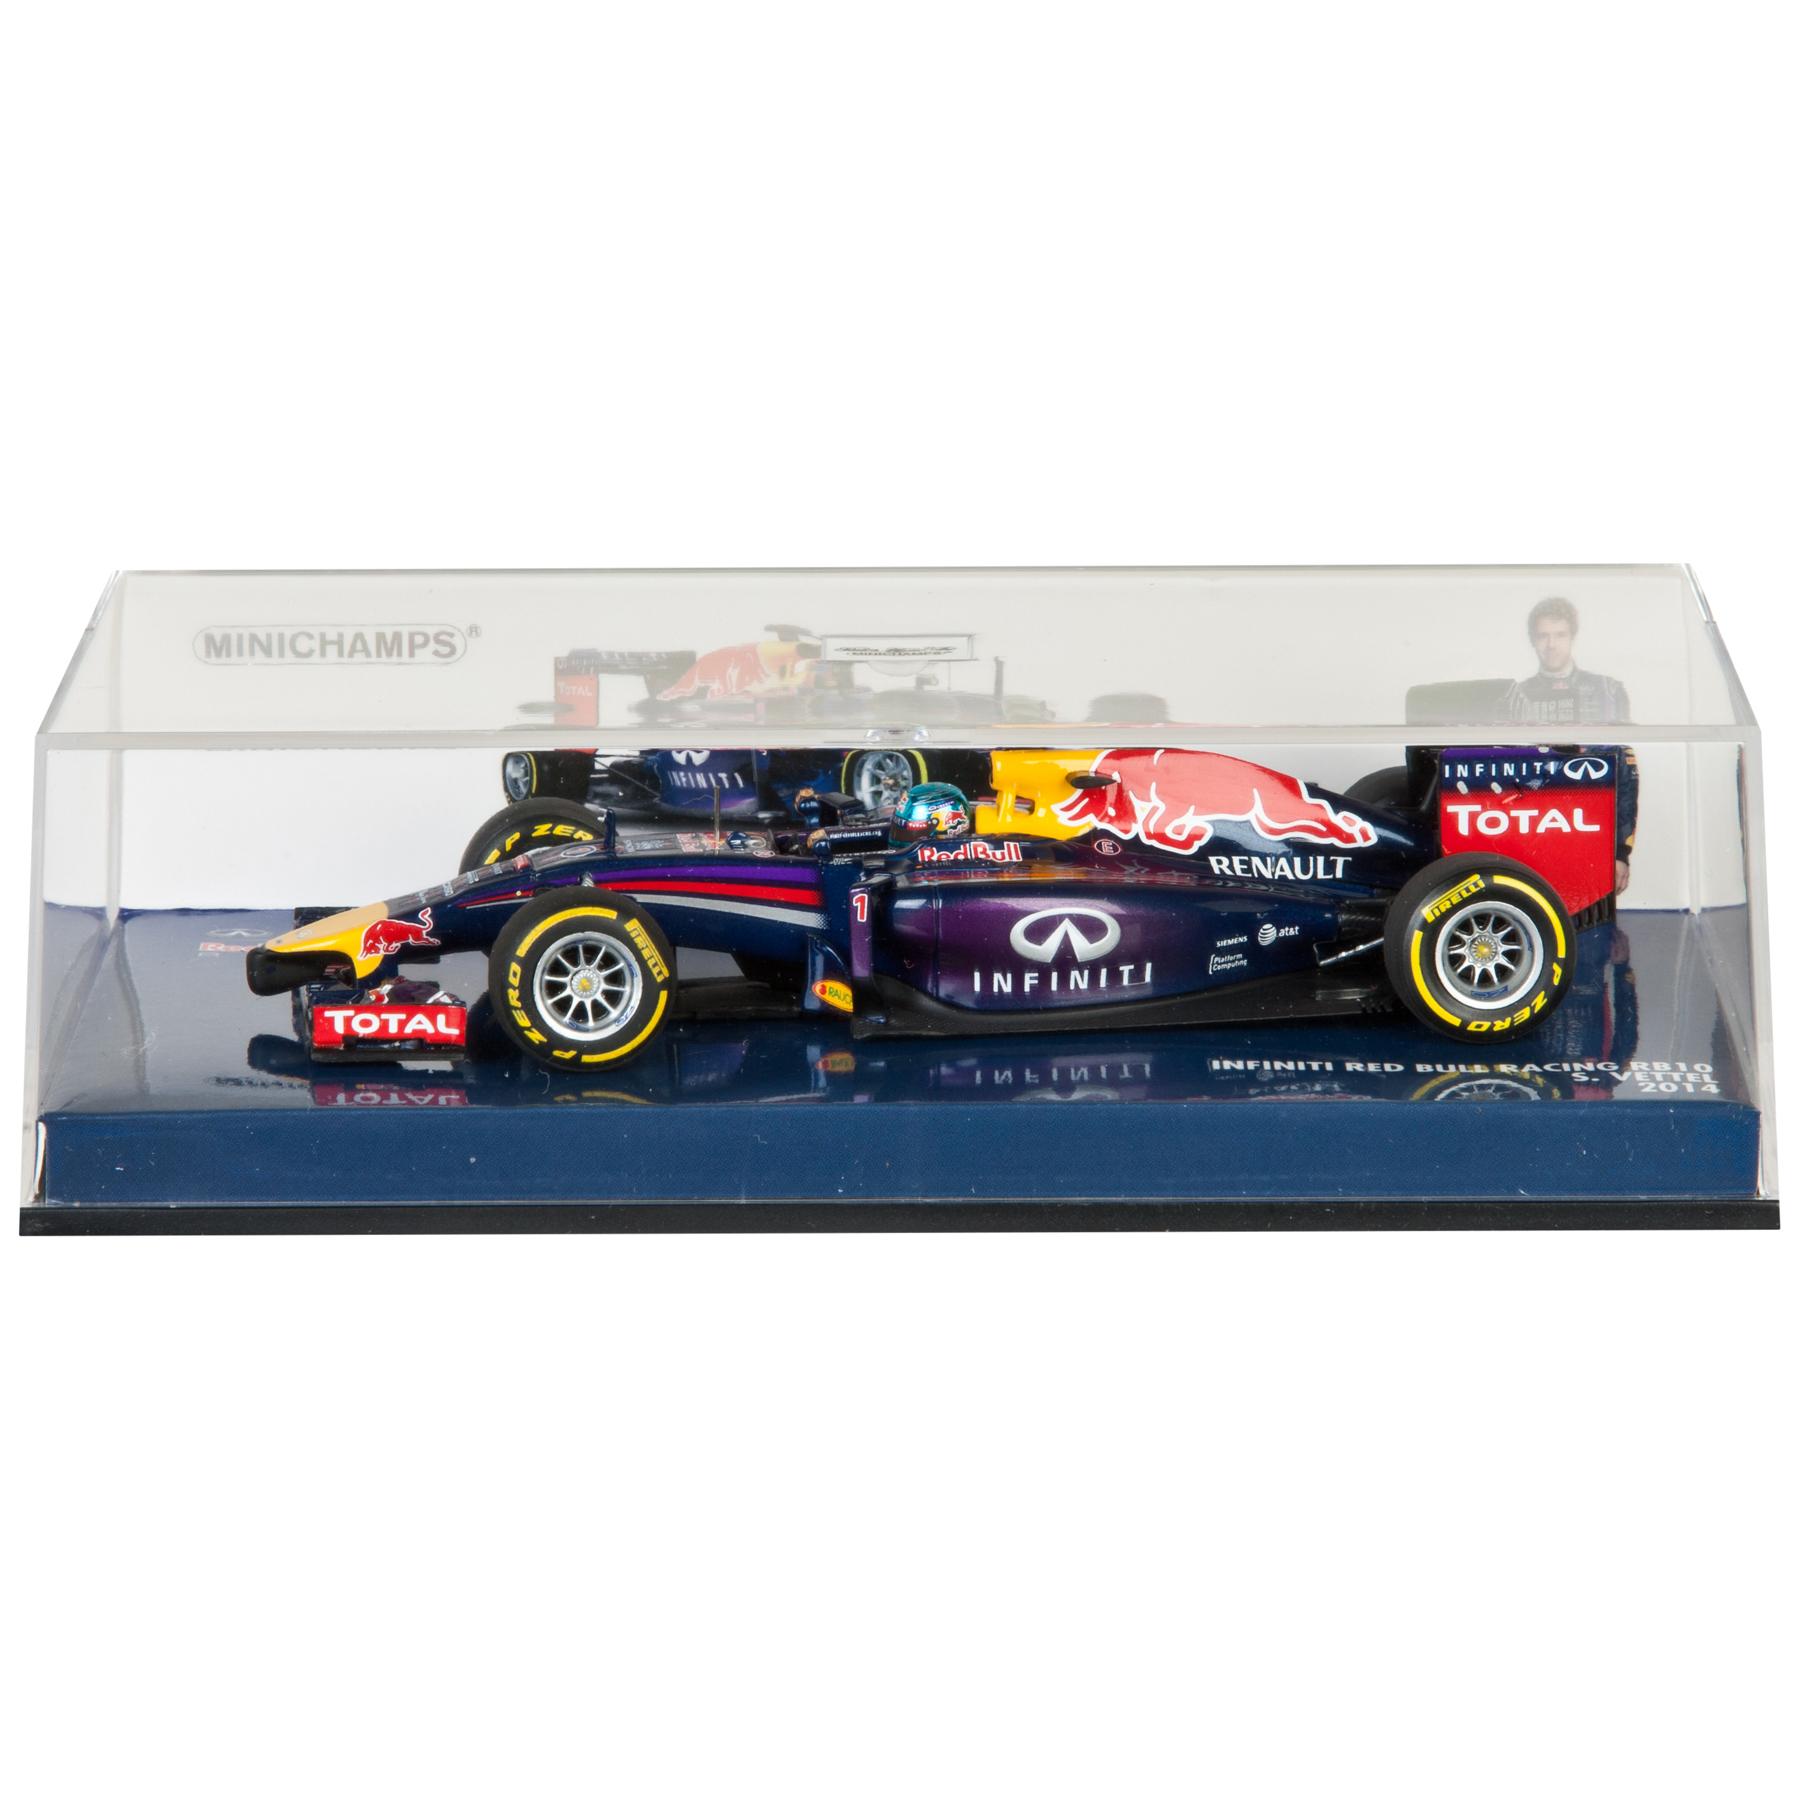 Infiniti Red Bull Racing Renault RB10 Sebastian Vettel 2014 - 1:43 Scale